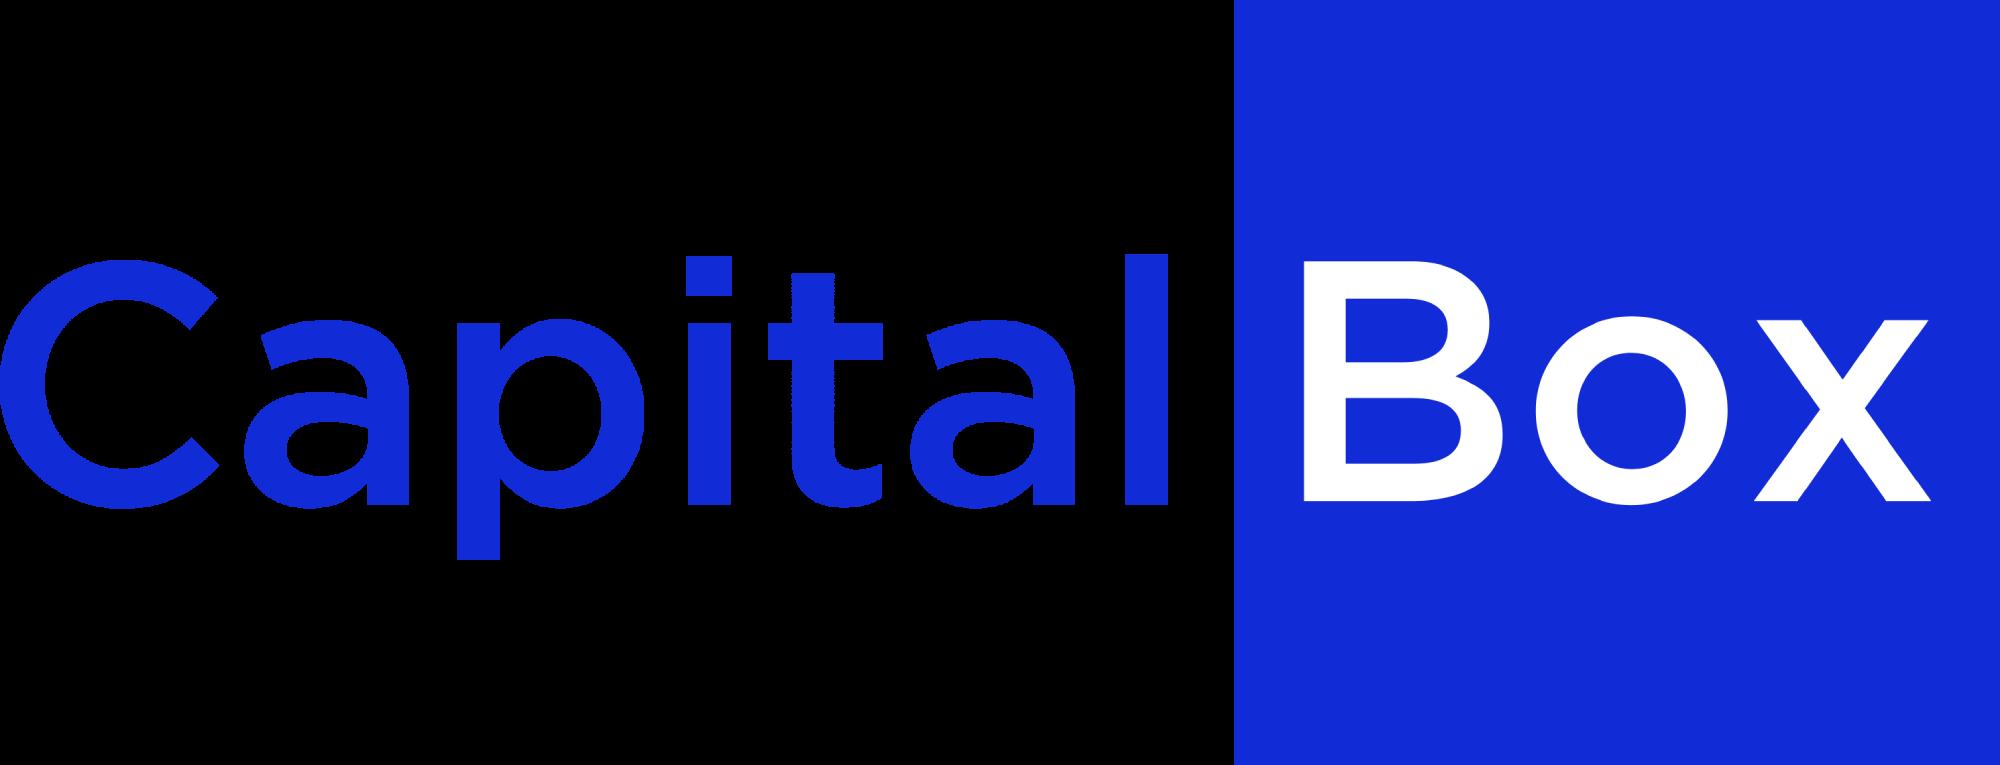 Capital Box logga